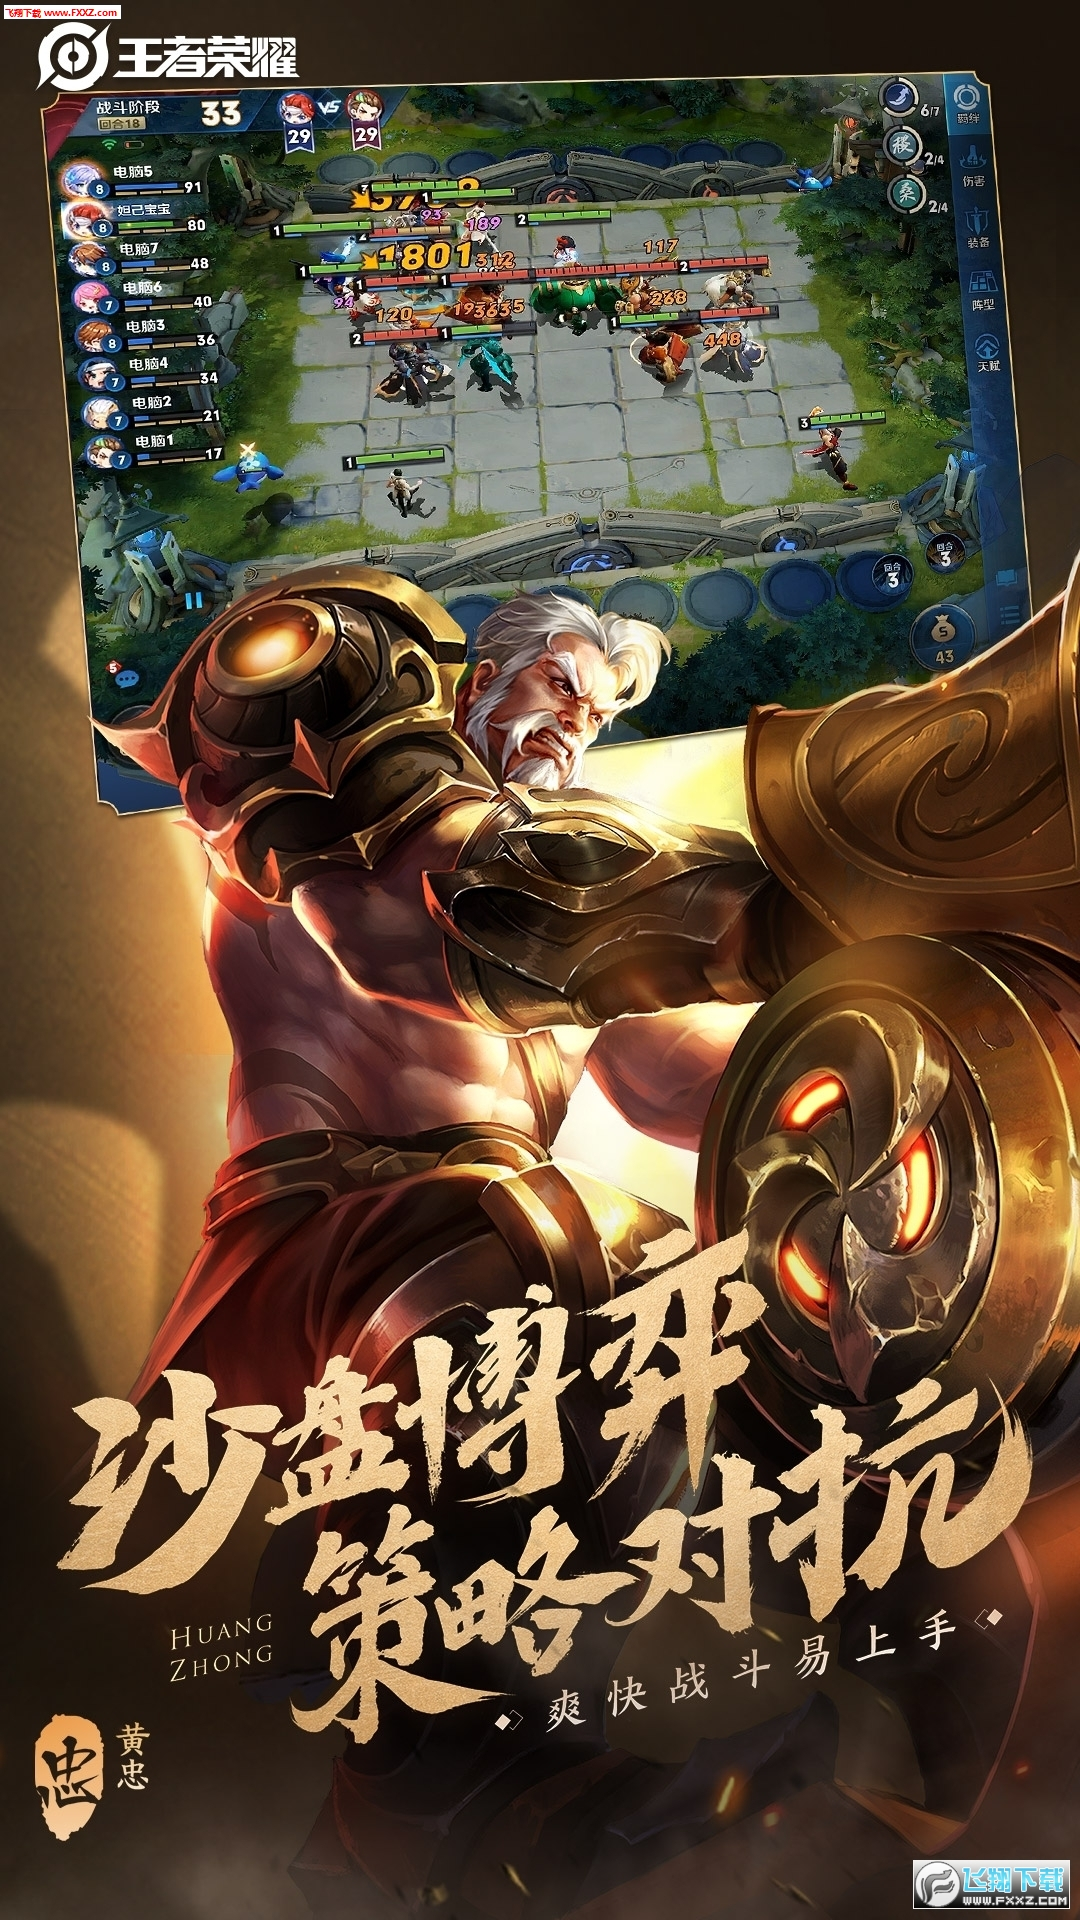 王者荣耀s19赛季最新版1.52.1.7截图2